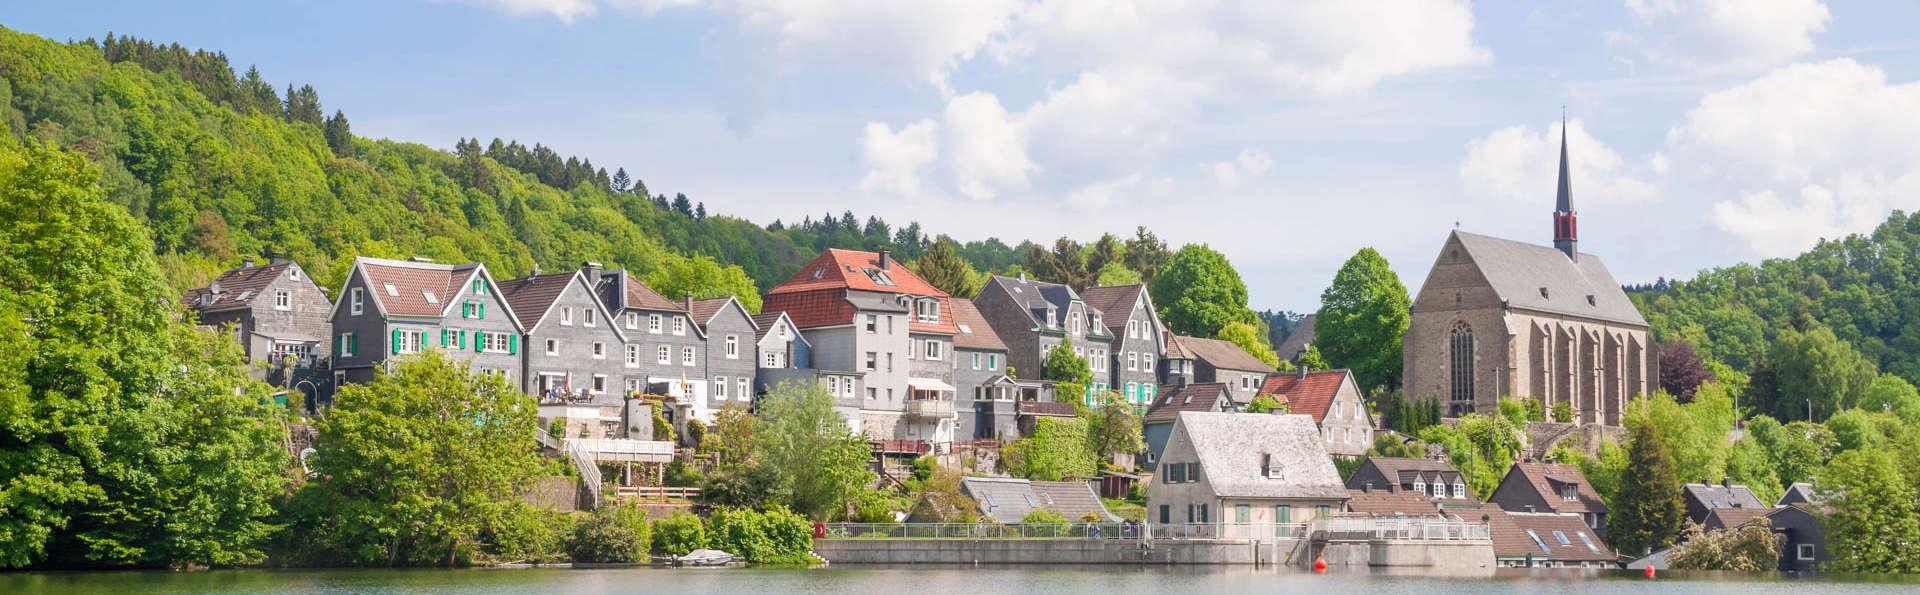 Découvrez la ville la plus verte d'Allemagne, Wuppertal !